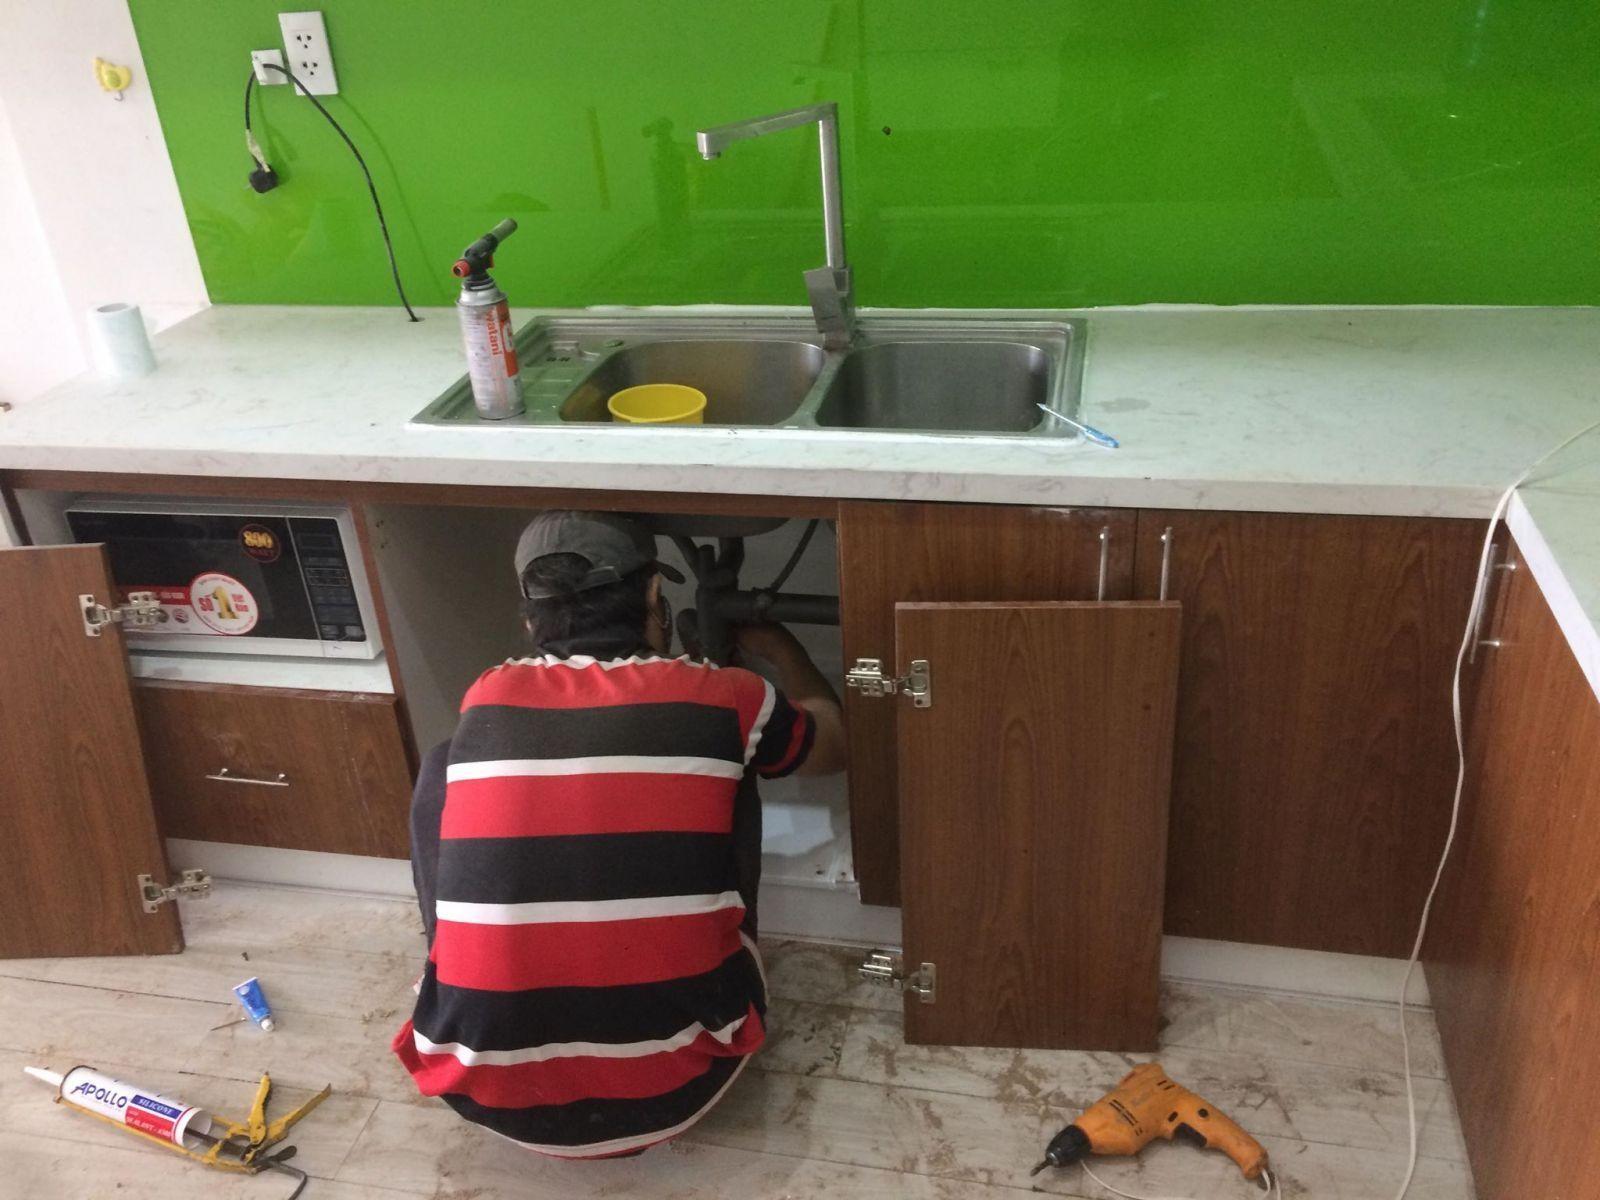 dịch vụ sửa chữa tủ bệp | noithatgovn.com